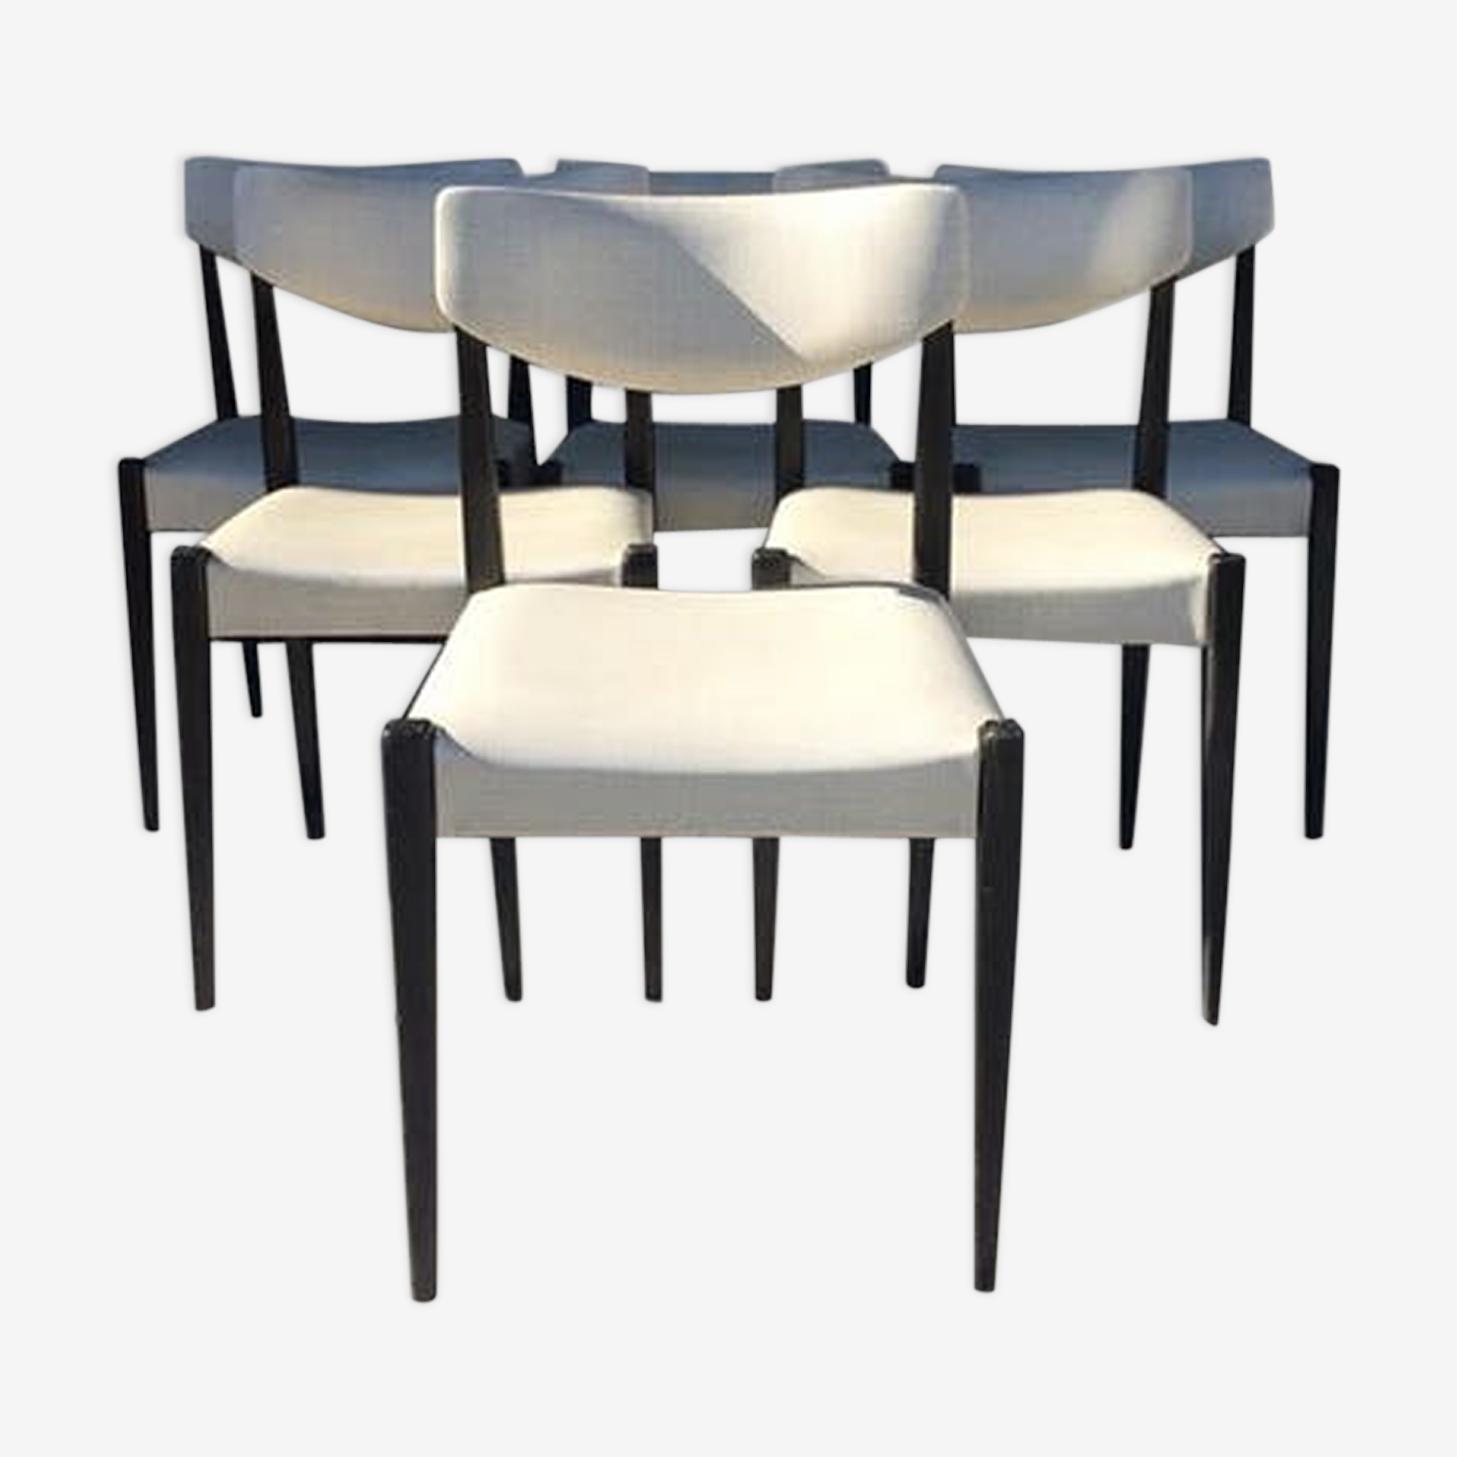 Set of 6 chairs ivory Skai 60's